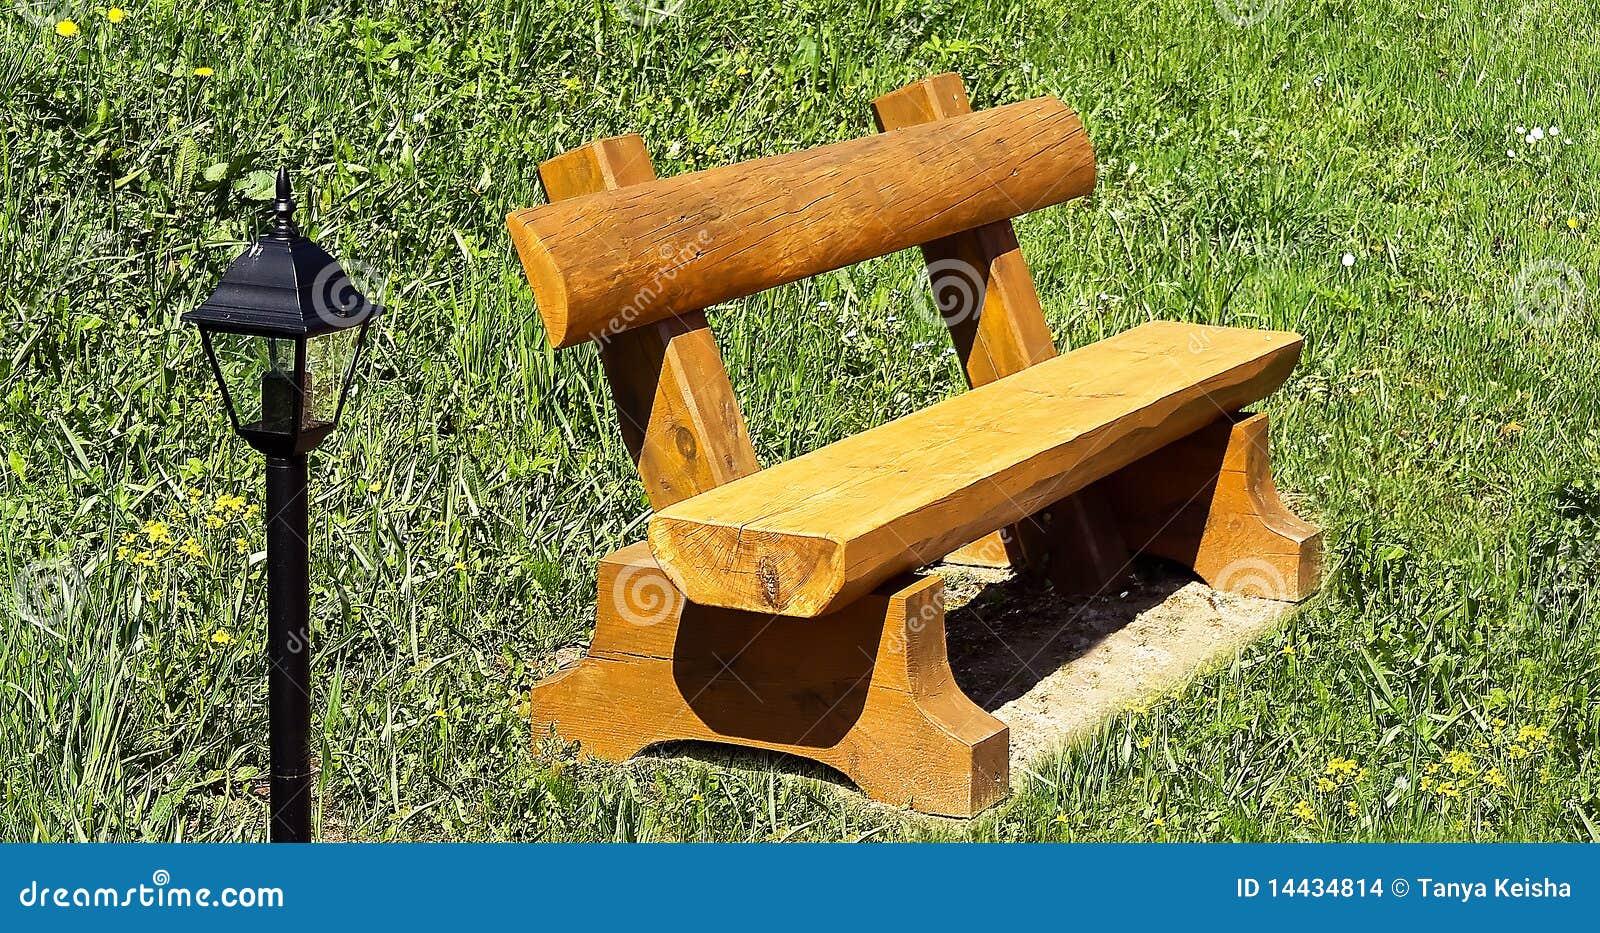 banco de jardim cavalo : banco de jardim cavalo:Banco De Madeira Do Jardim Imagens de Stock – Imagem: 14434814